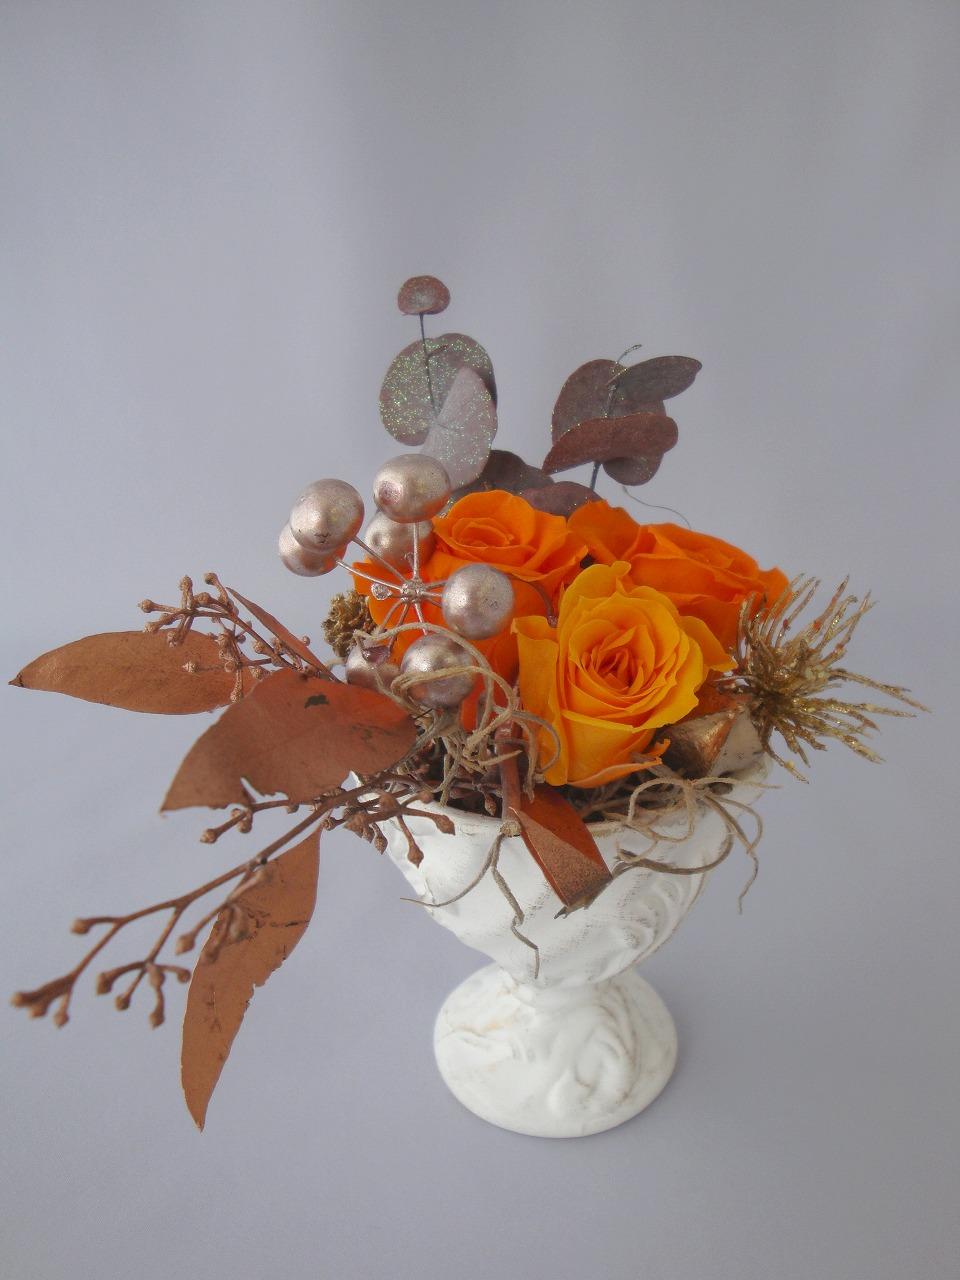 プリザーブドフラワー,秋,バラ,オレンジ